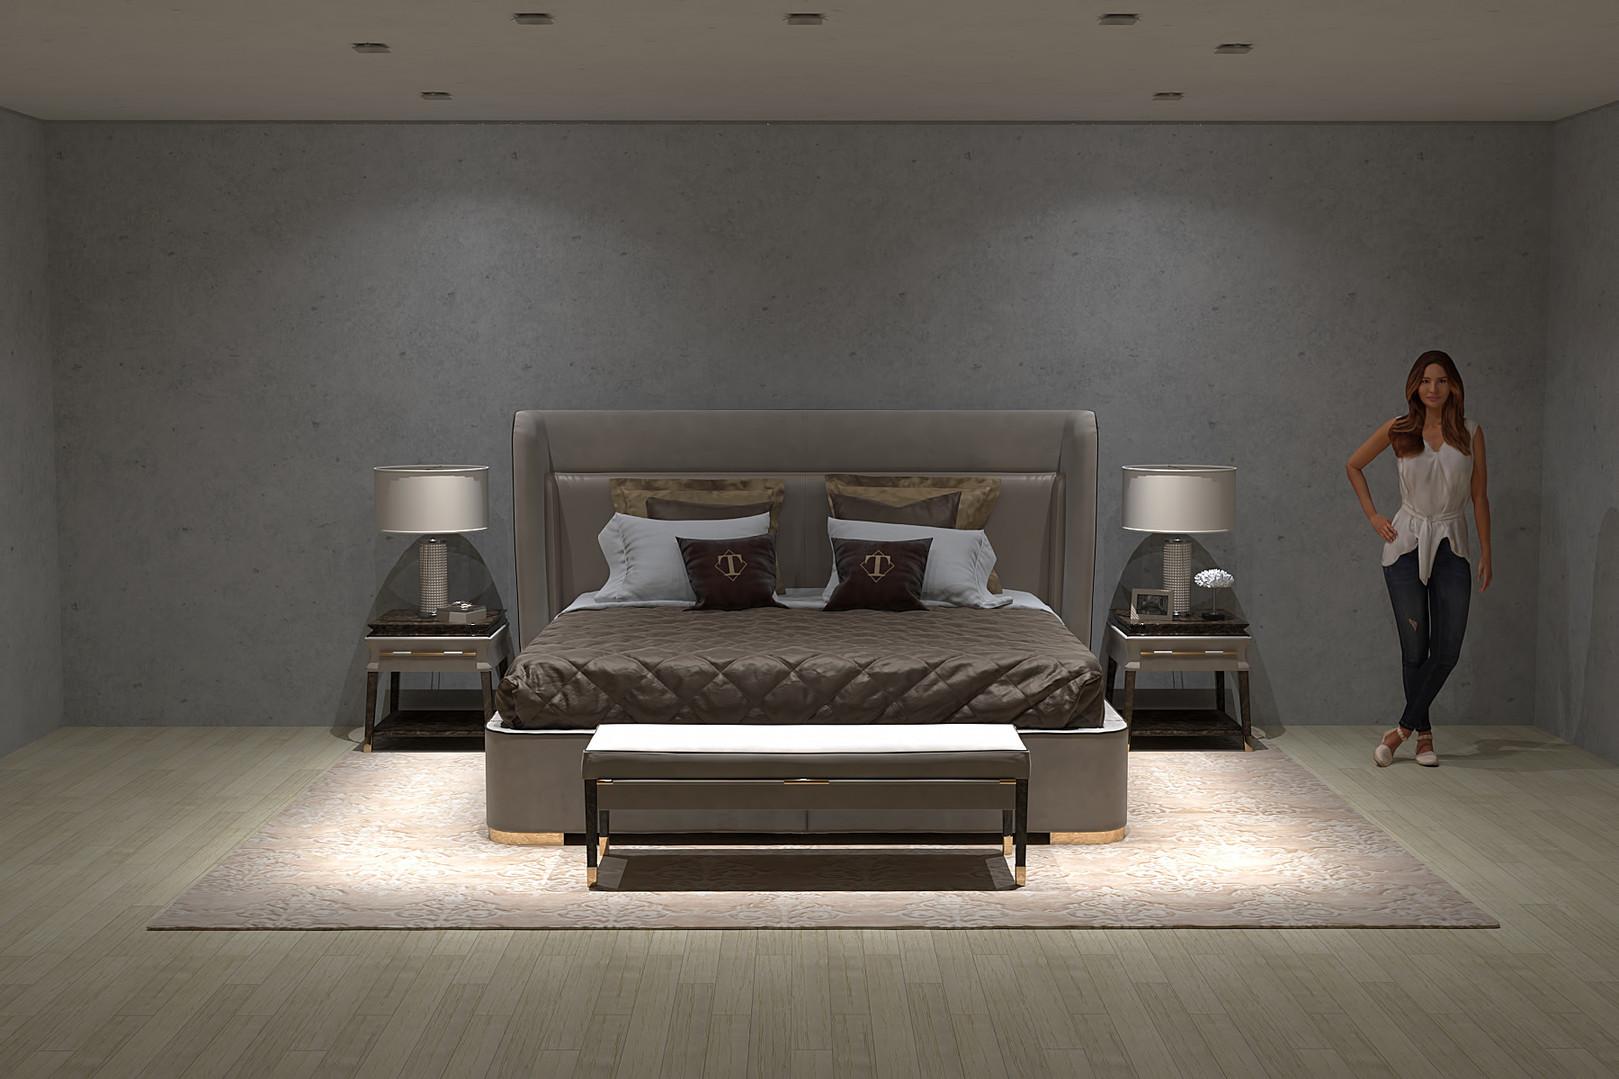 Certus lighting светильник для спальни.j